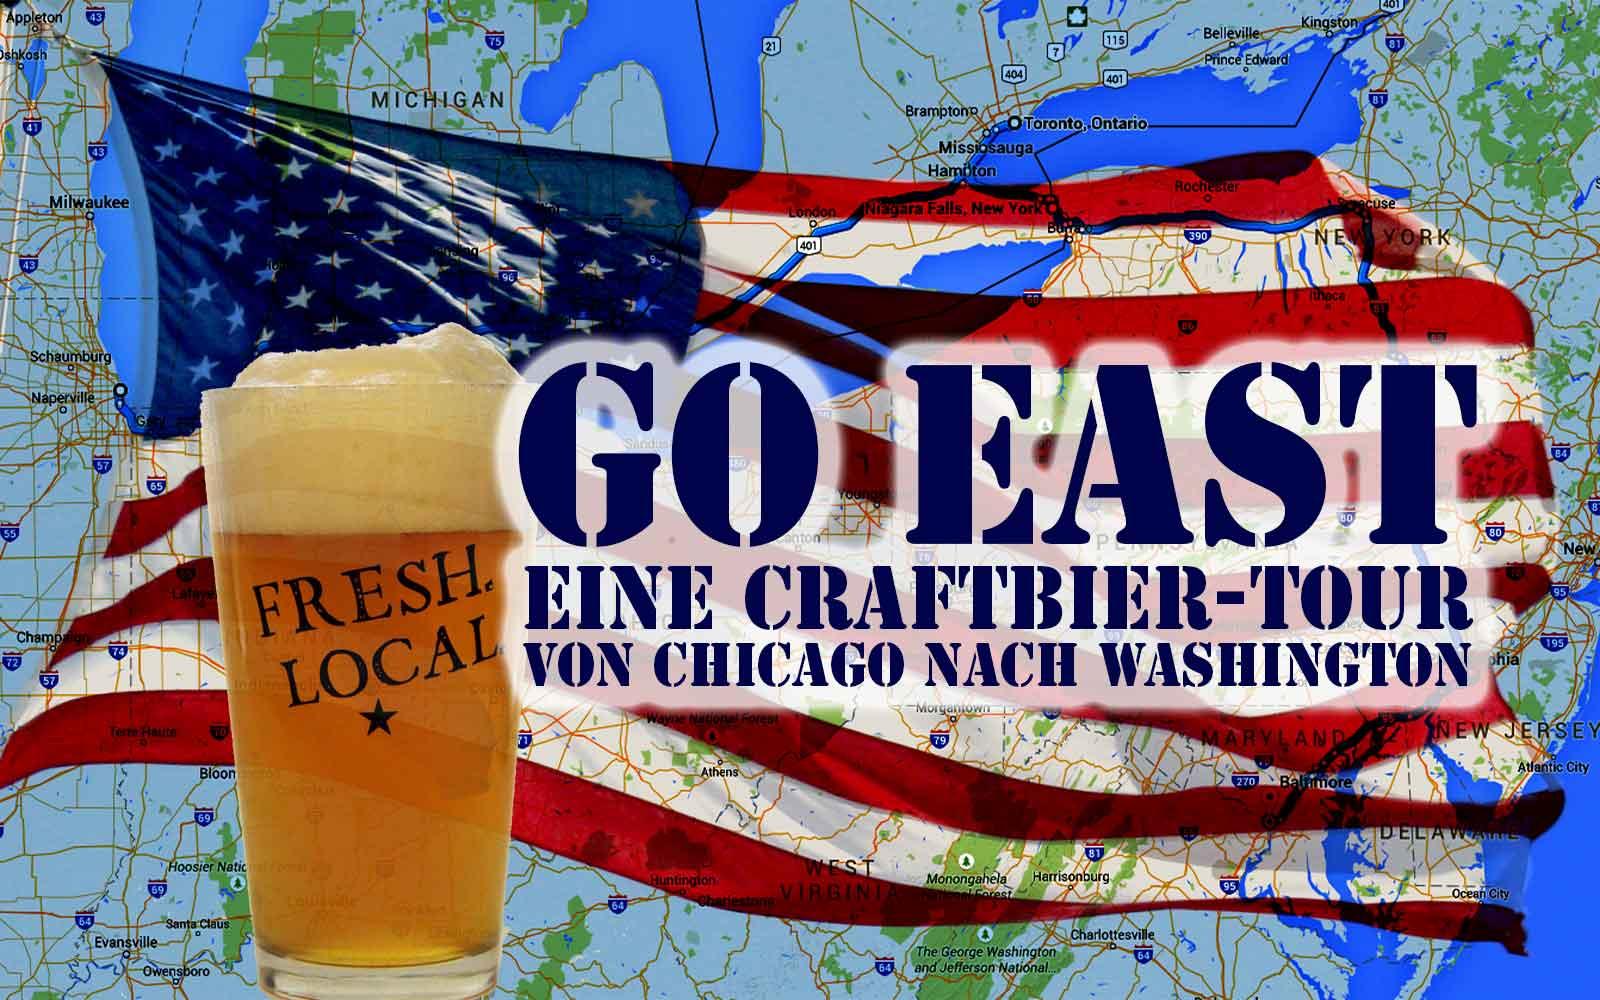 Live Blog: USA Craftbier Tour von Chicago nach Washington